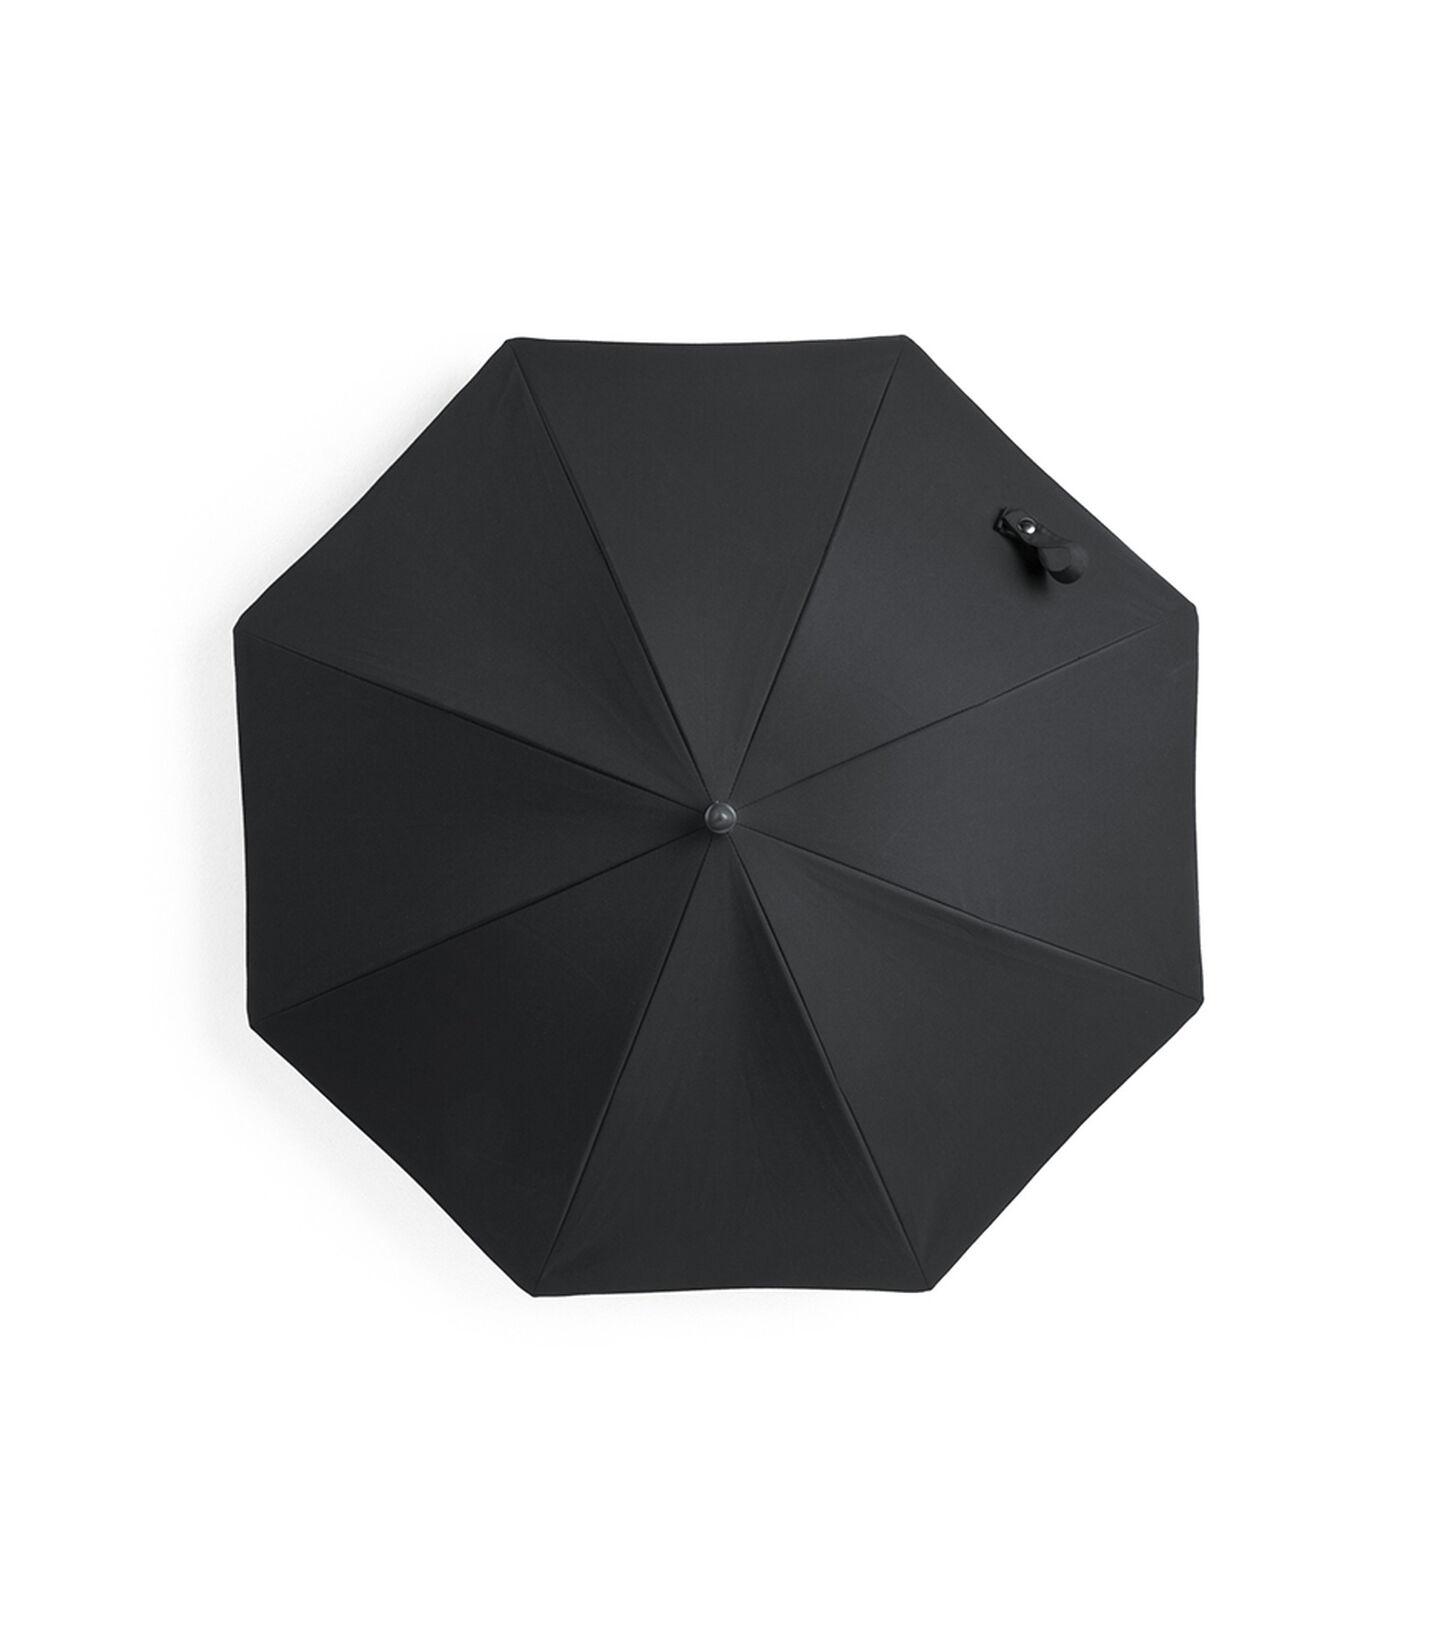 Stokke® Stroller Black Parasol Black, Черный, mainview view 2